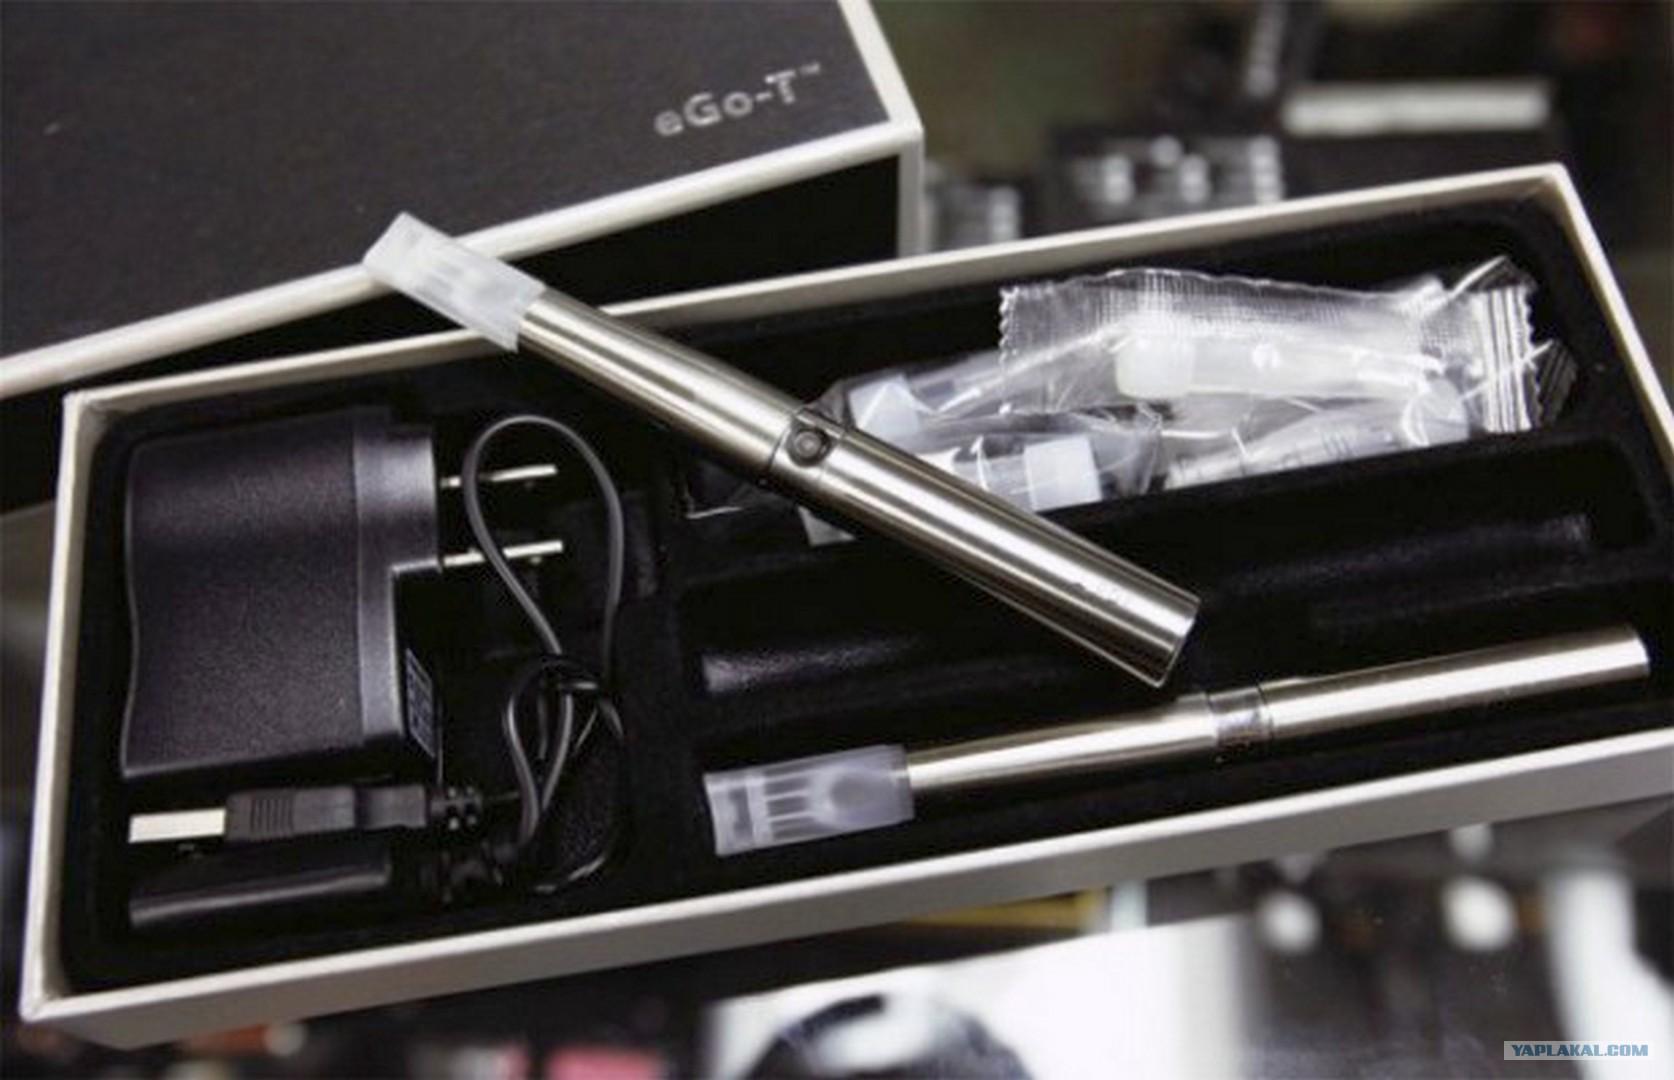 Электронные сигареты: полезное приспособление или вредная мода